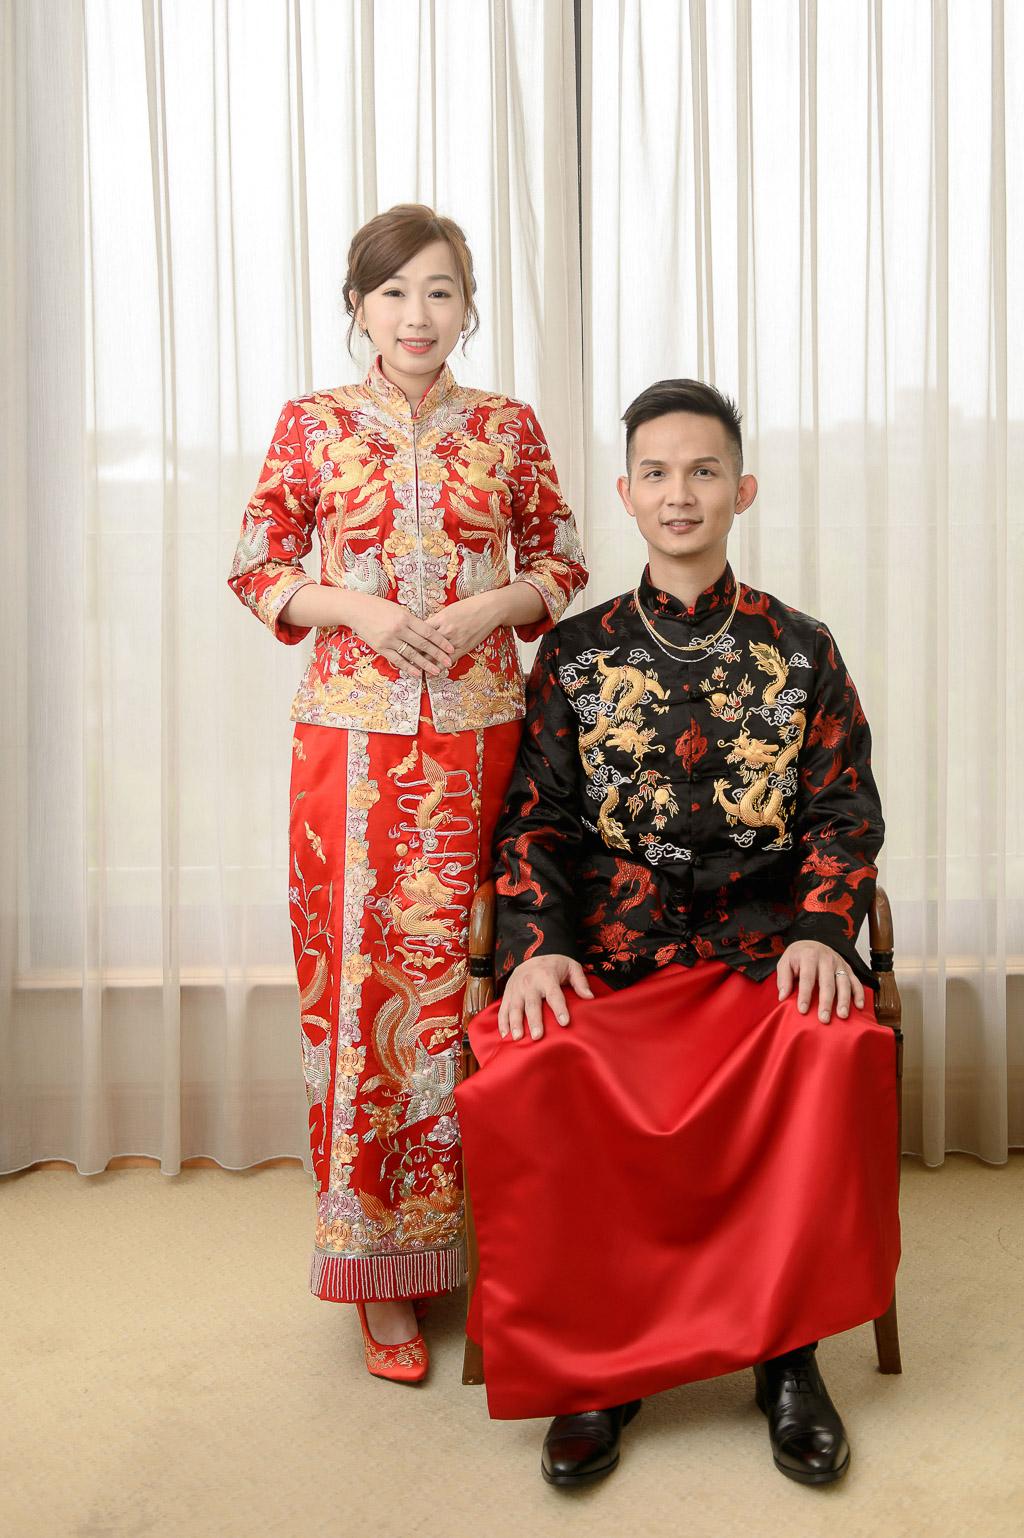 台北婚攝, 婚攝, 婚攝小勇, 推薦婚攝, 新竹煙波, 新秘vivian, 新莊典華, 煙波婚宴, 煙波婚攝-031